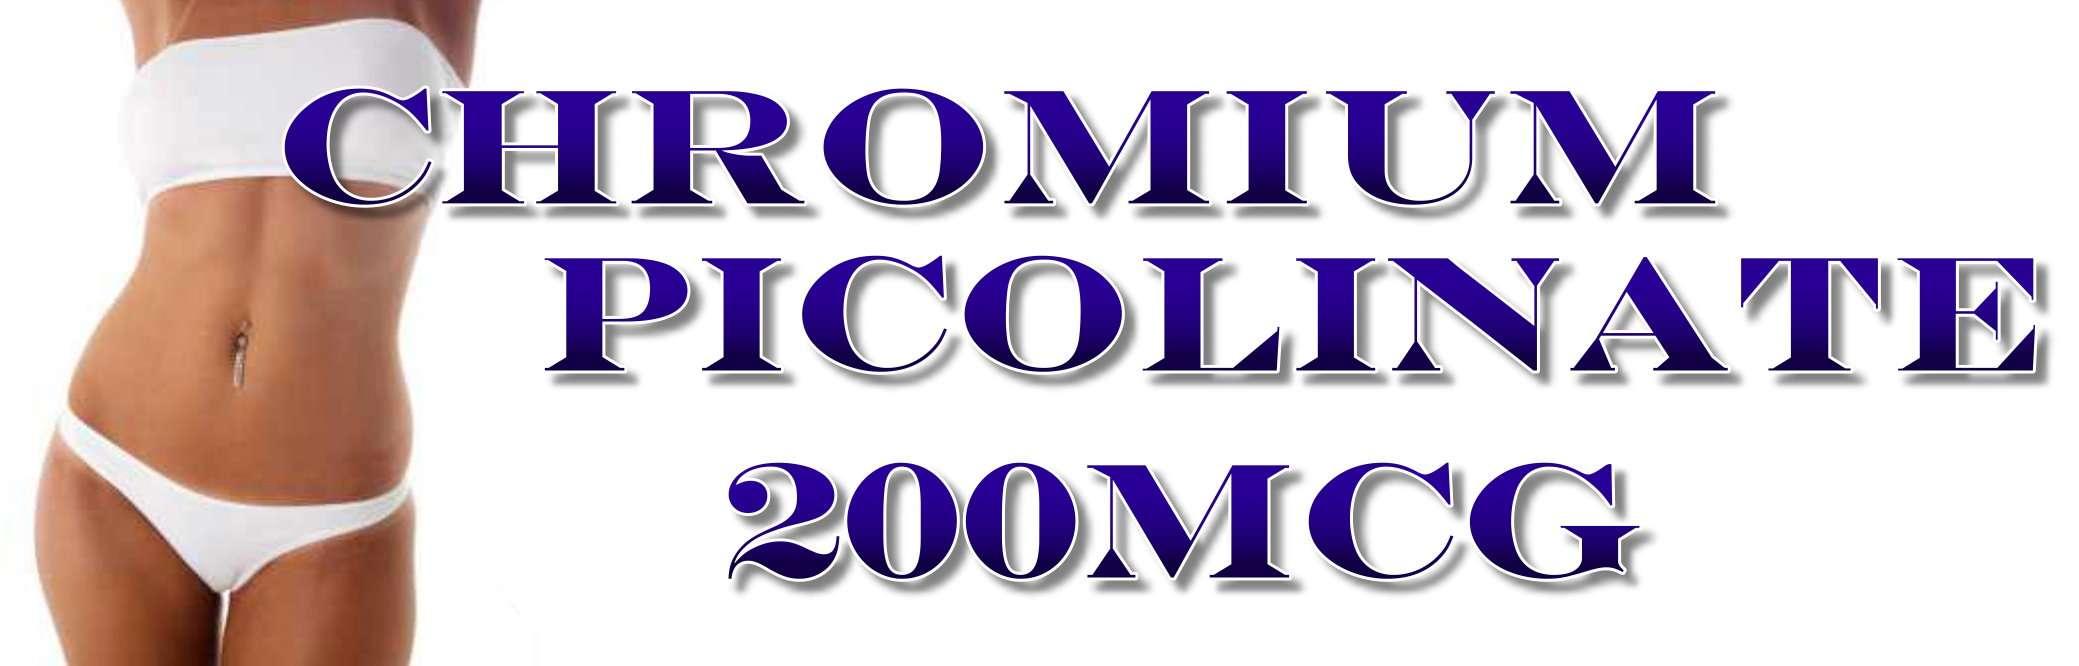 http://img19.imageshack.us/img19/7669/chromuimbanner.jpg